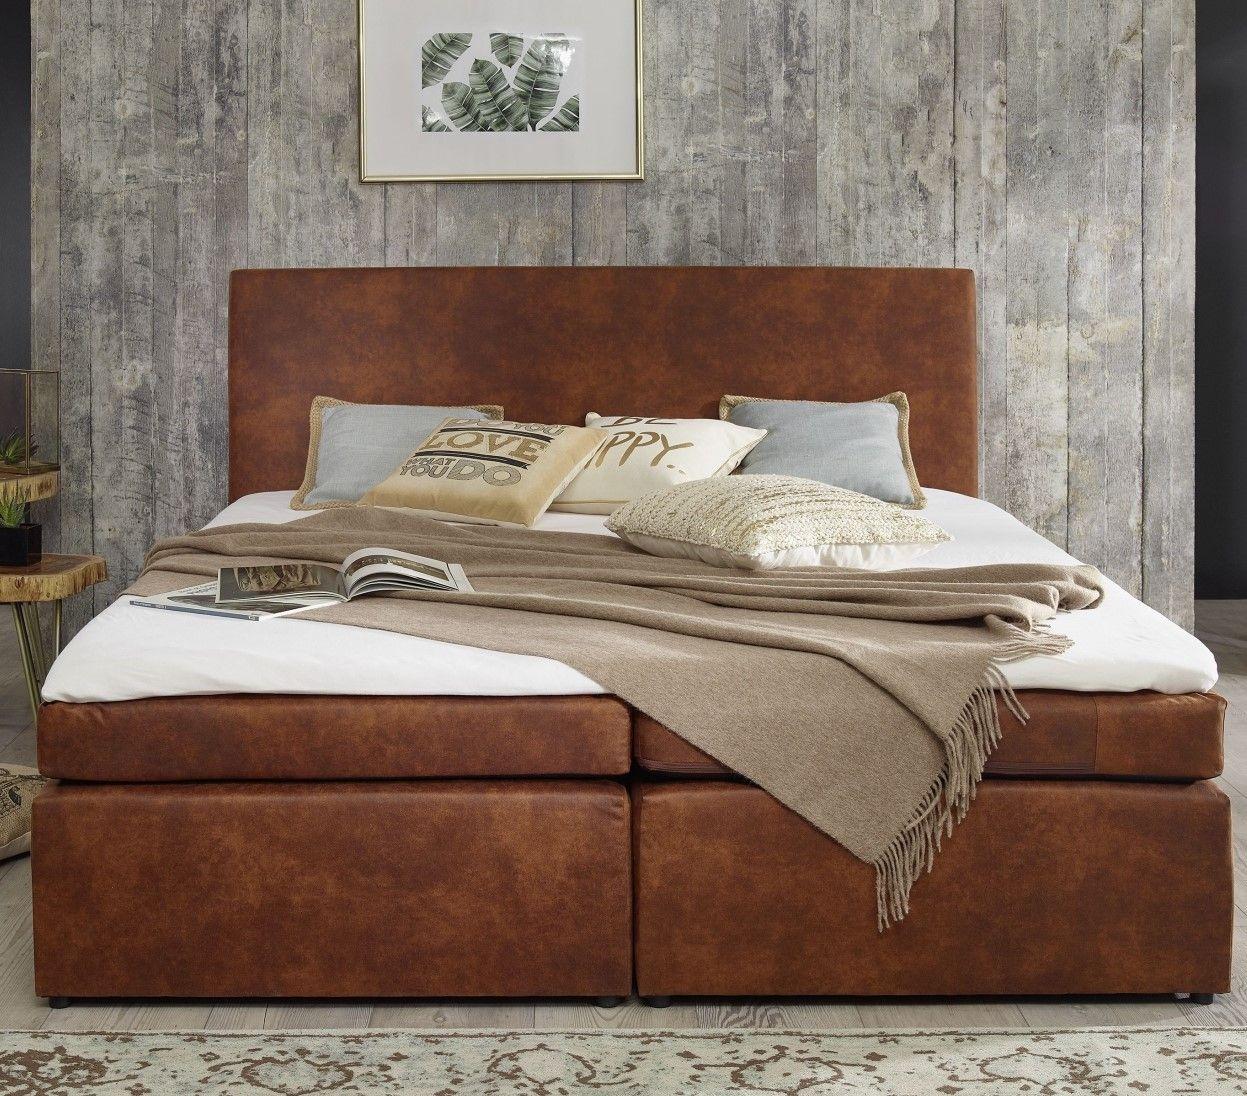 Massivmoebel24 I Massivholzmobel Versandkostenfrei Bestellen Echtholz Mobel Holzbetten Furniture